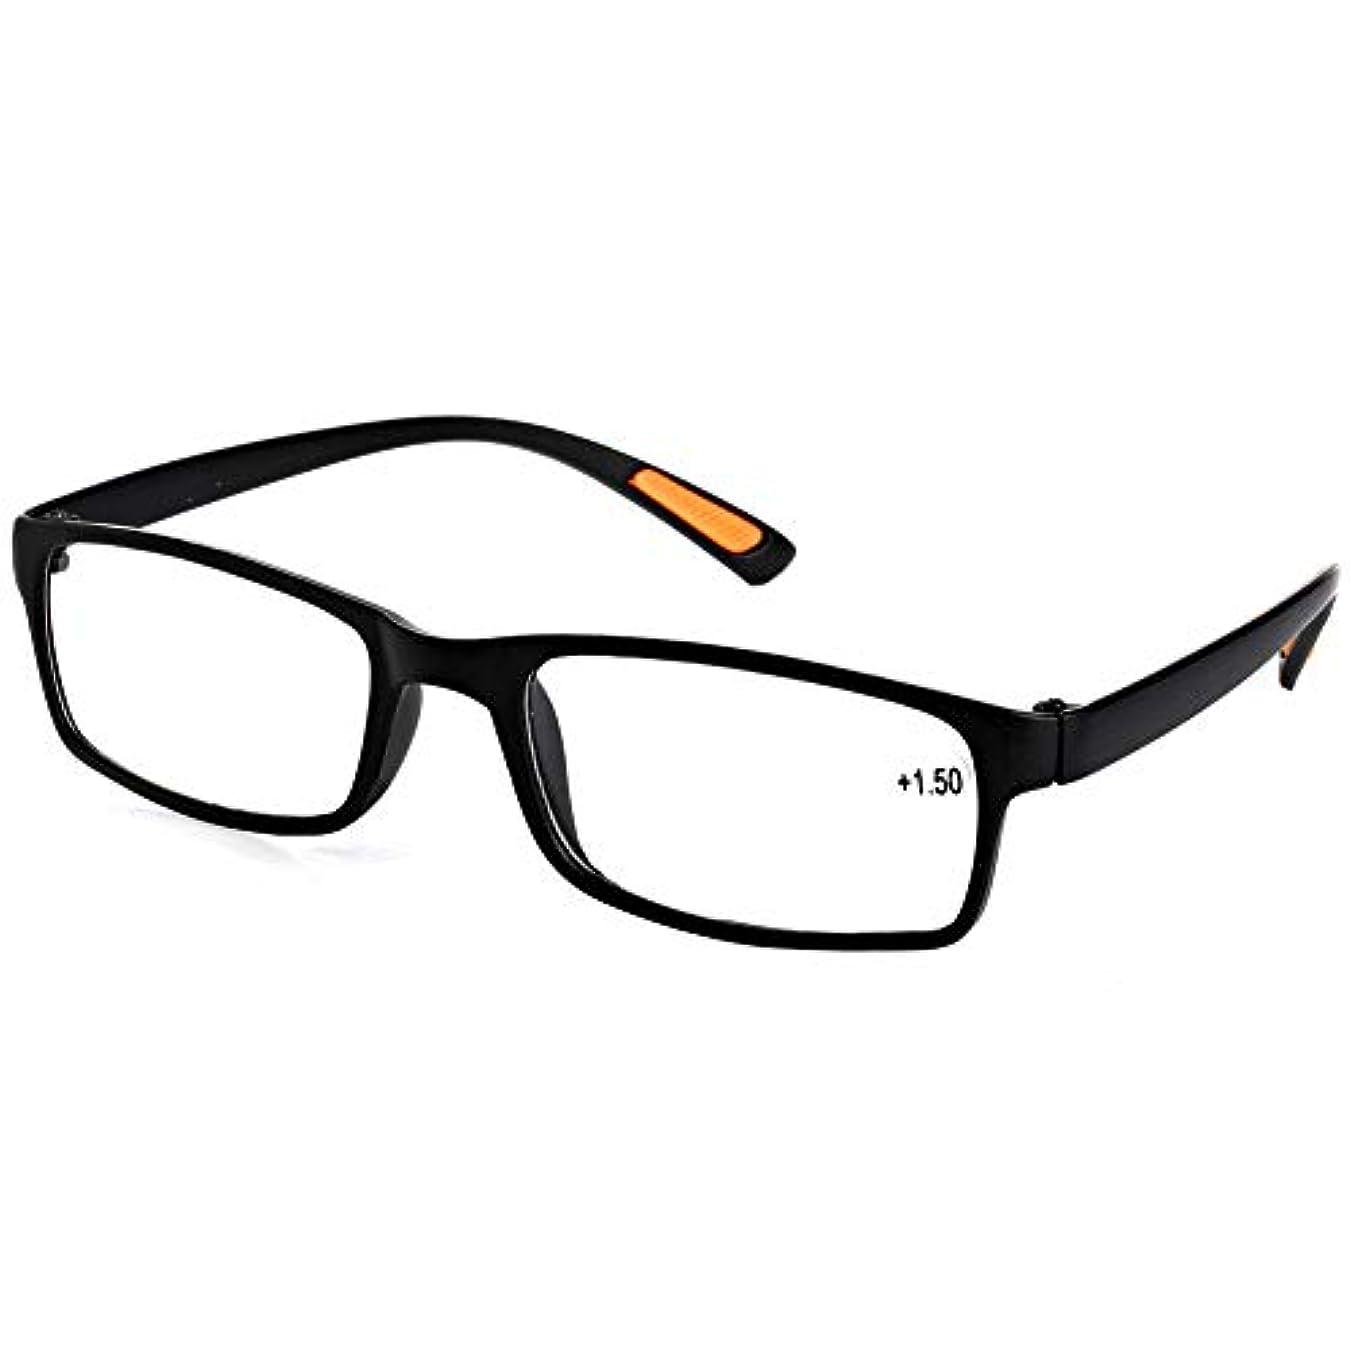 診療所亜熱帯グラムjackyee Tr90老眼鏡(サンドブラックフレーム)+250新しい樹脂製フレーム付き眼鏡老眼鏡+1.0 1.5 2.0 2.5 3.0 3.5 4.0視度